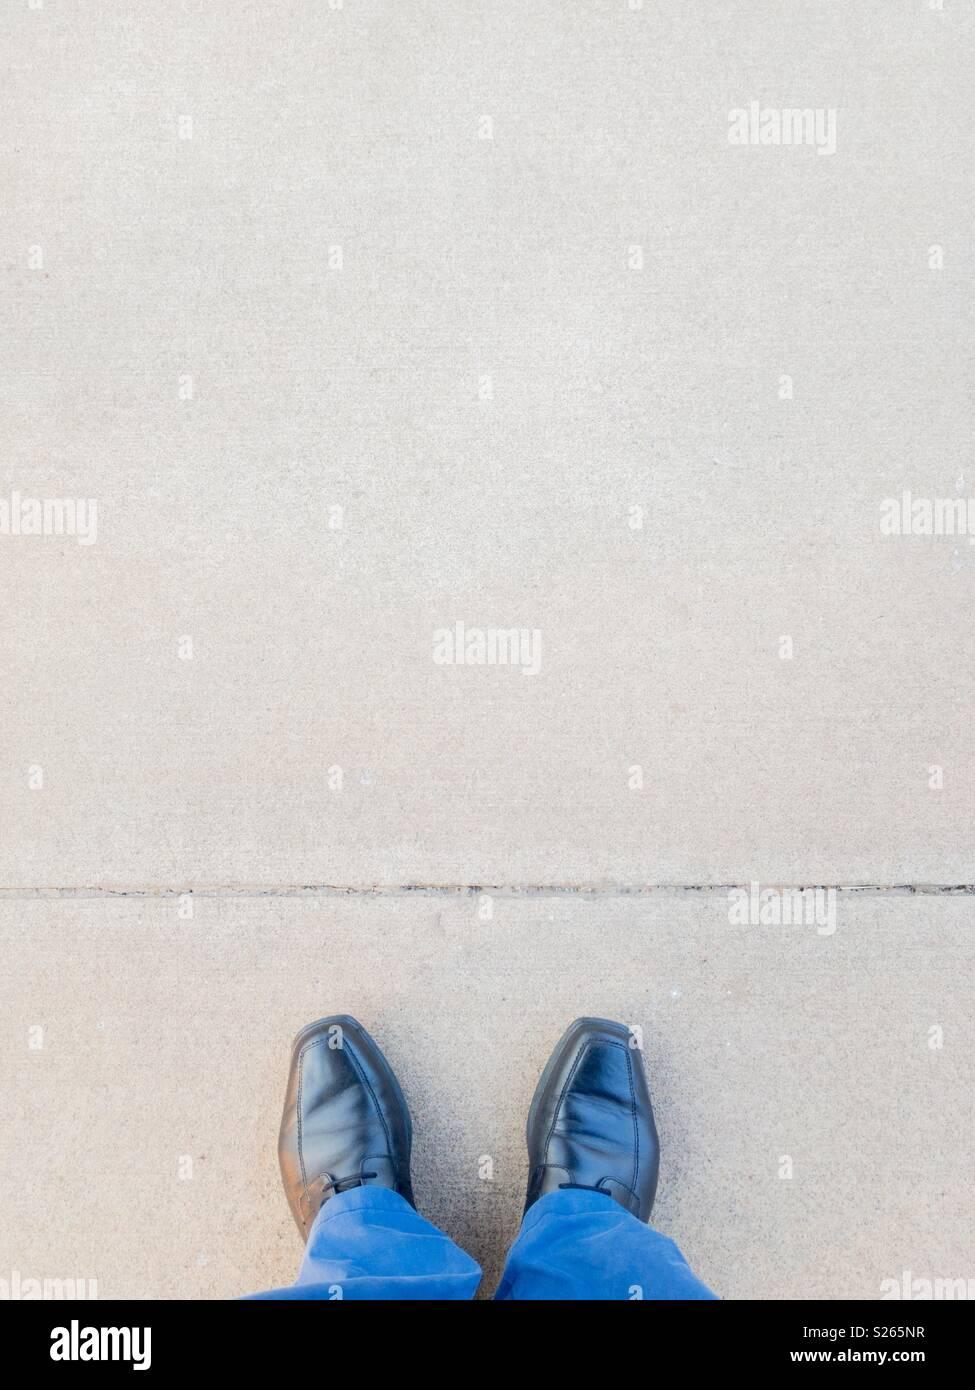 Persönliche Perspektive von einem Mann, der vor einer Linie auf dem Boden. Stockbild